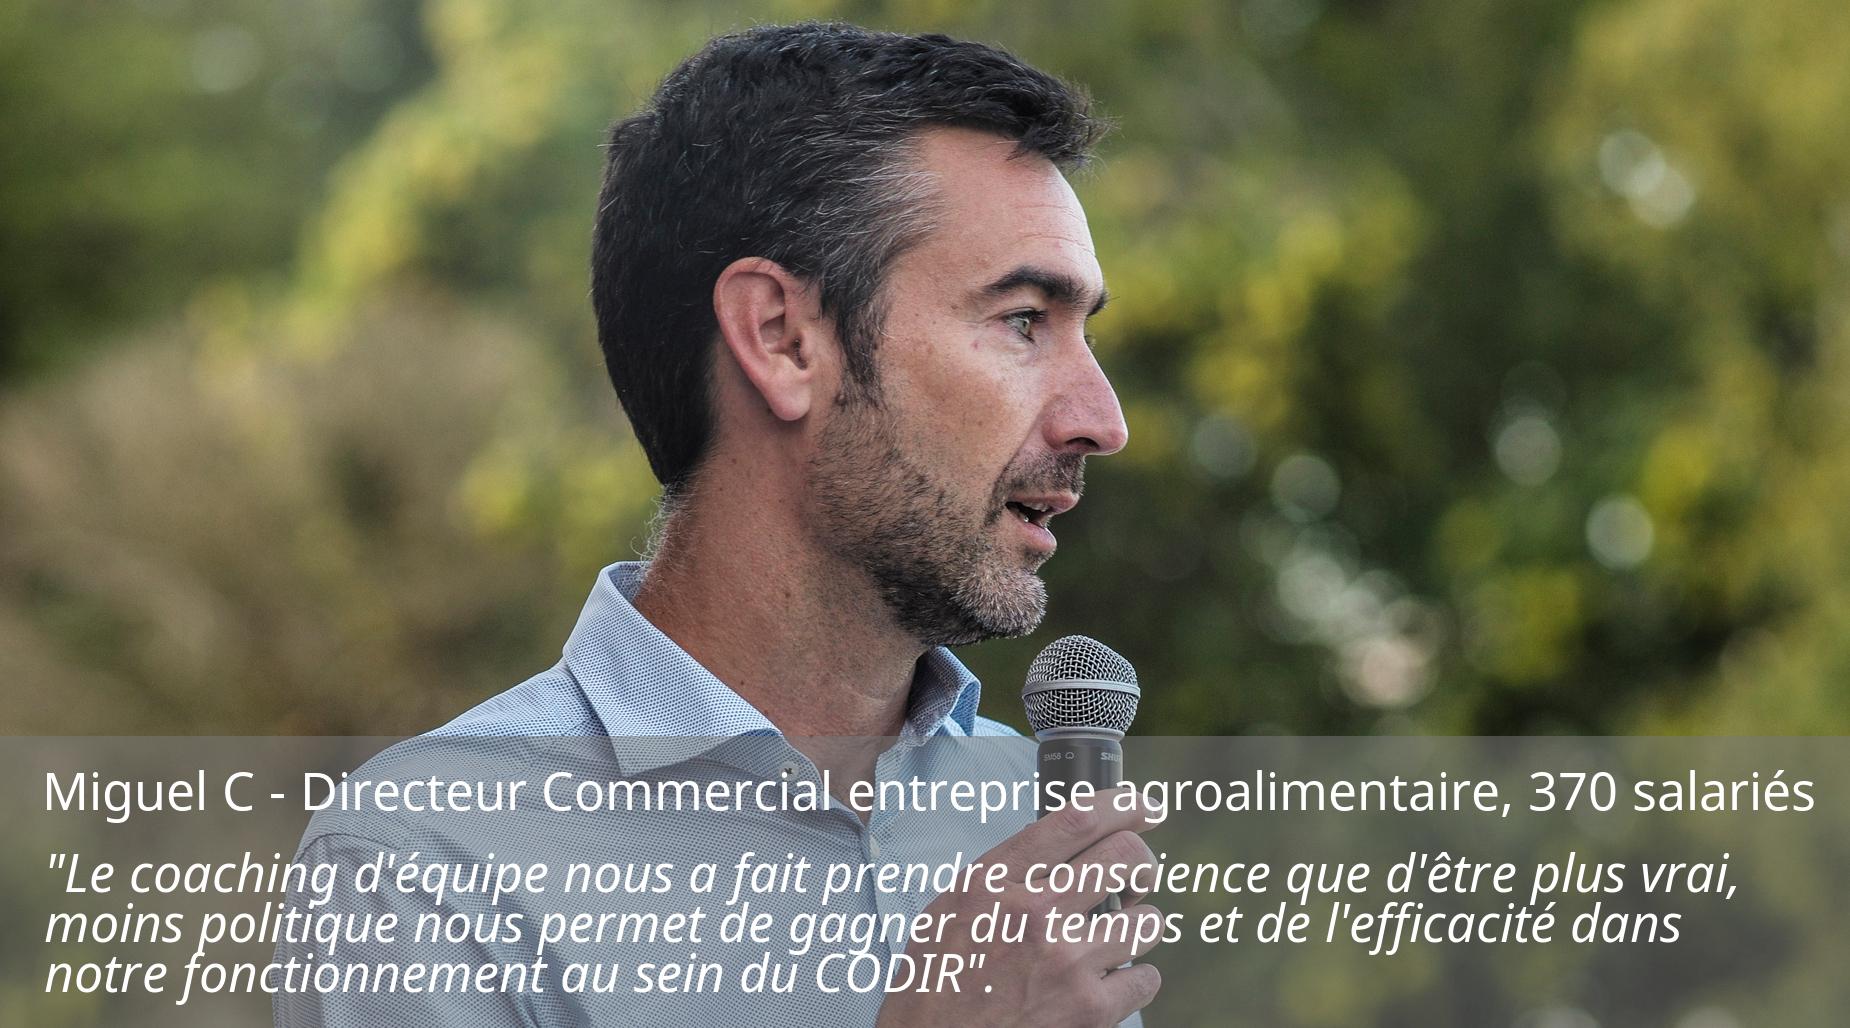 Miguel C directeur commercial entreprise agroalimentaire